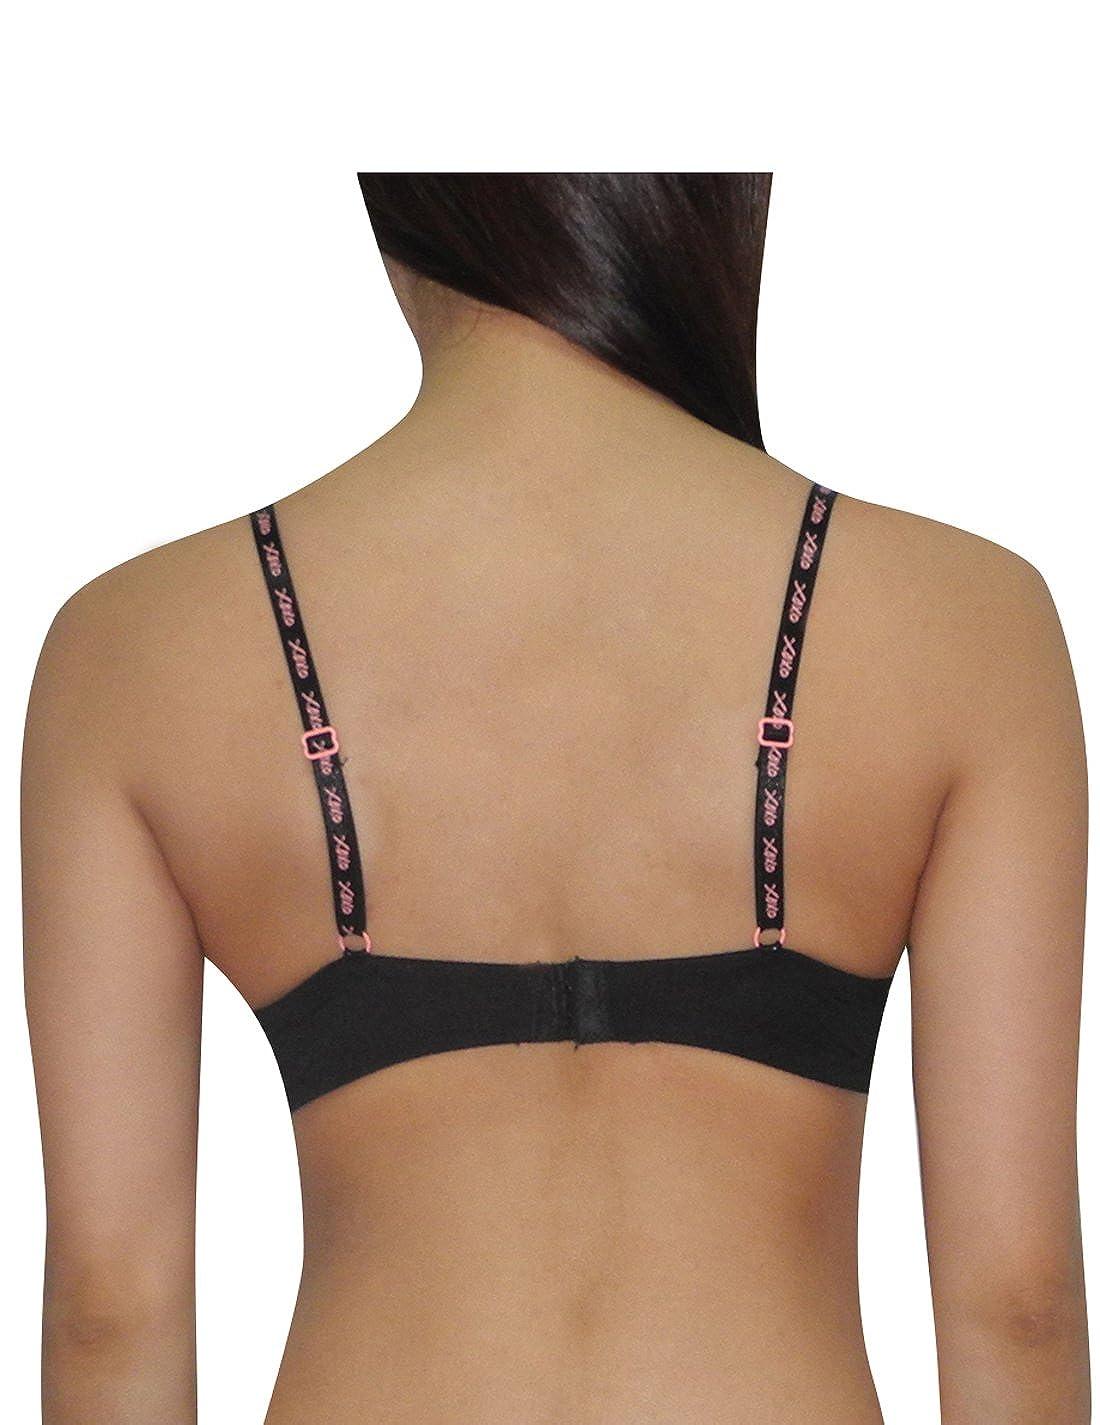 XOXO mujeres lencería perfectamente adaptada Strap Soft Cup Bra/ropa interior: Amazon.es: Ropa y accesorios